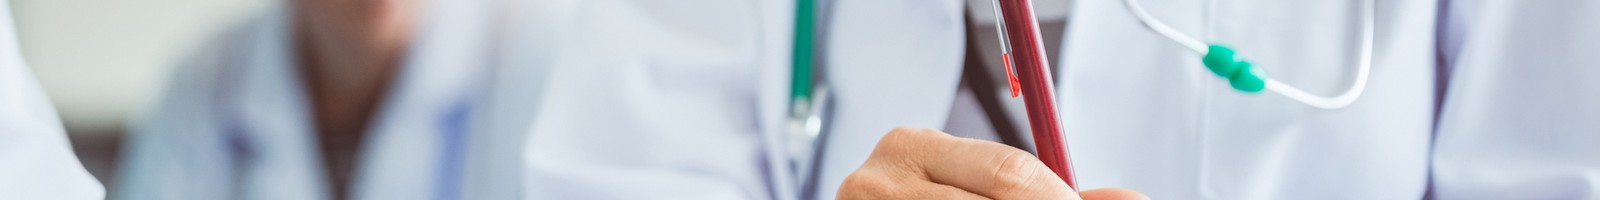 Service sanitaire des étudiants en santé : un bilan moyen pour la première année d'expérimentation